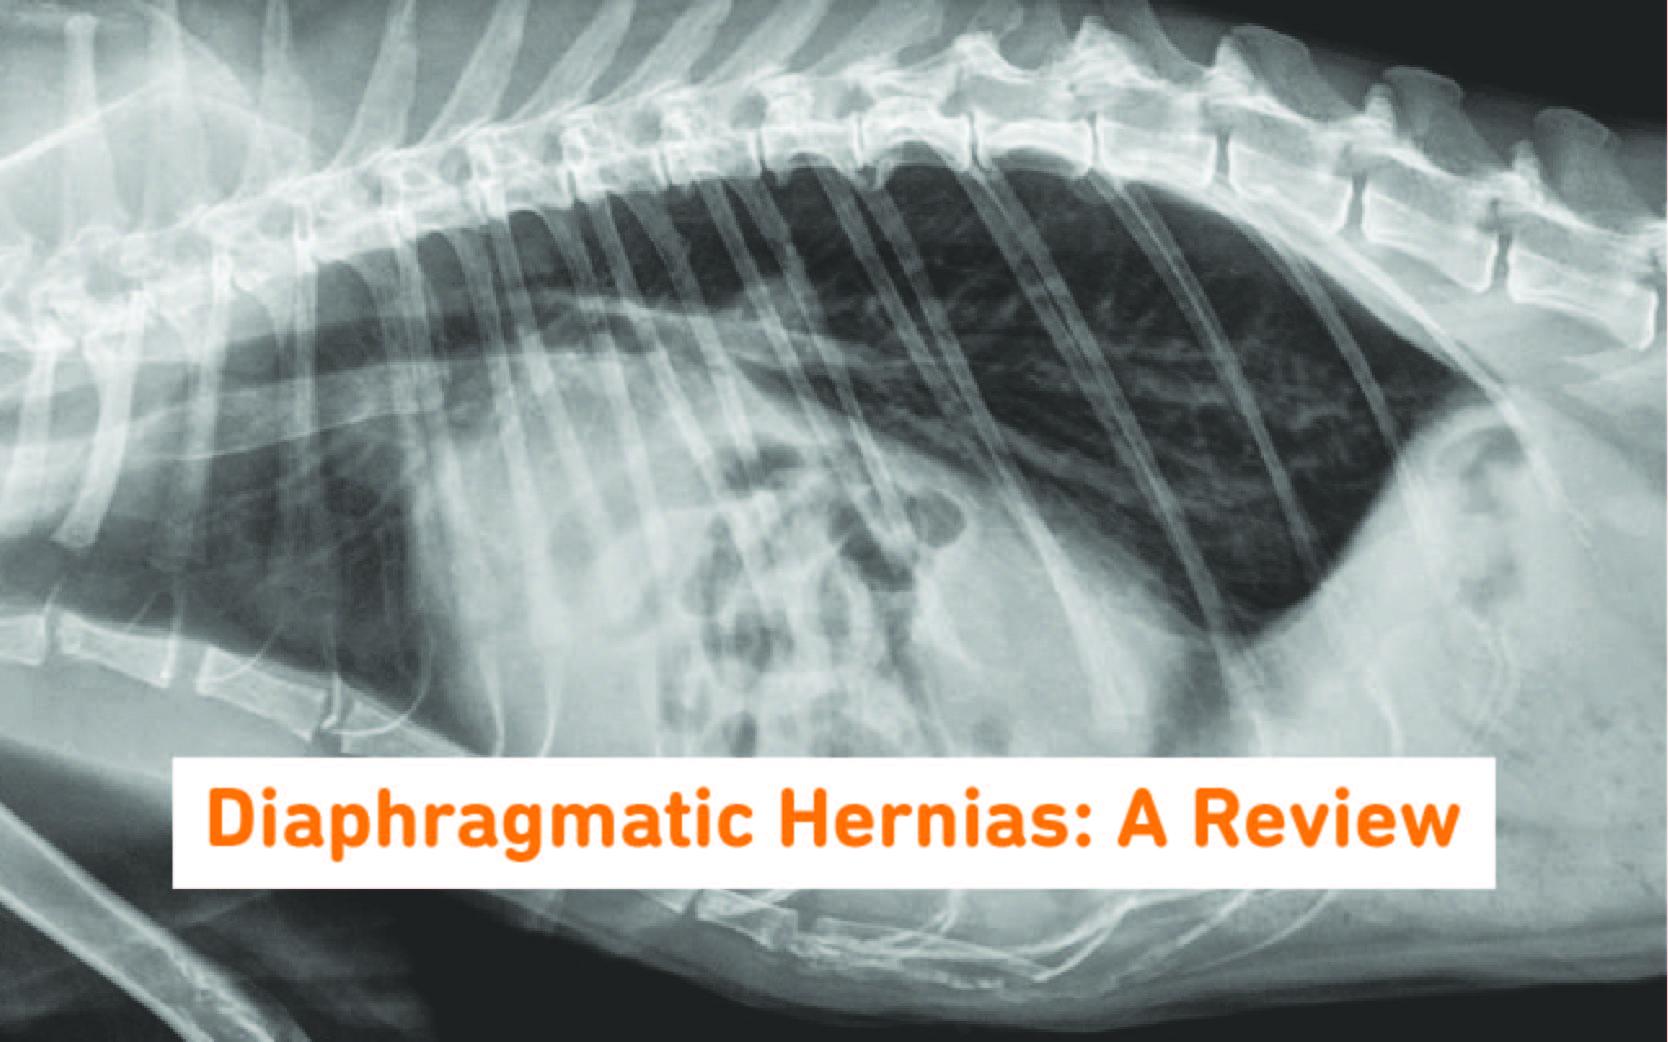 Diaphragmatic hernia review main image